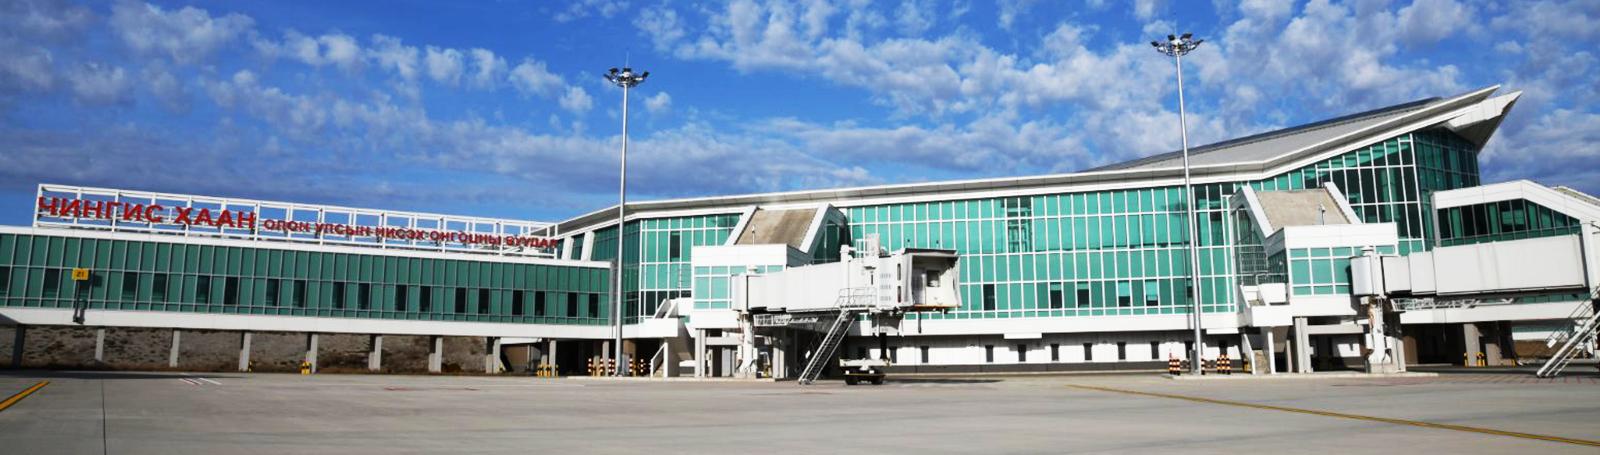 Чингис хаан олон улсын шинэ нисэх буудлын нийтийн тээврийн үйлчилгээний цагийн хуваарь